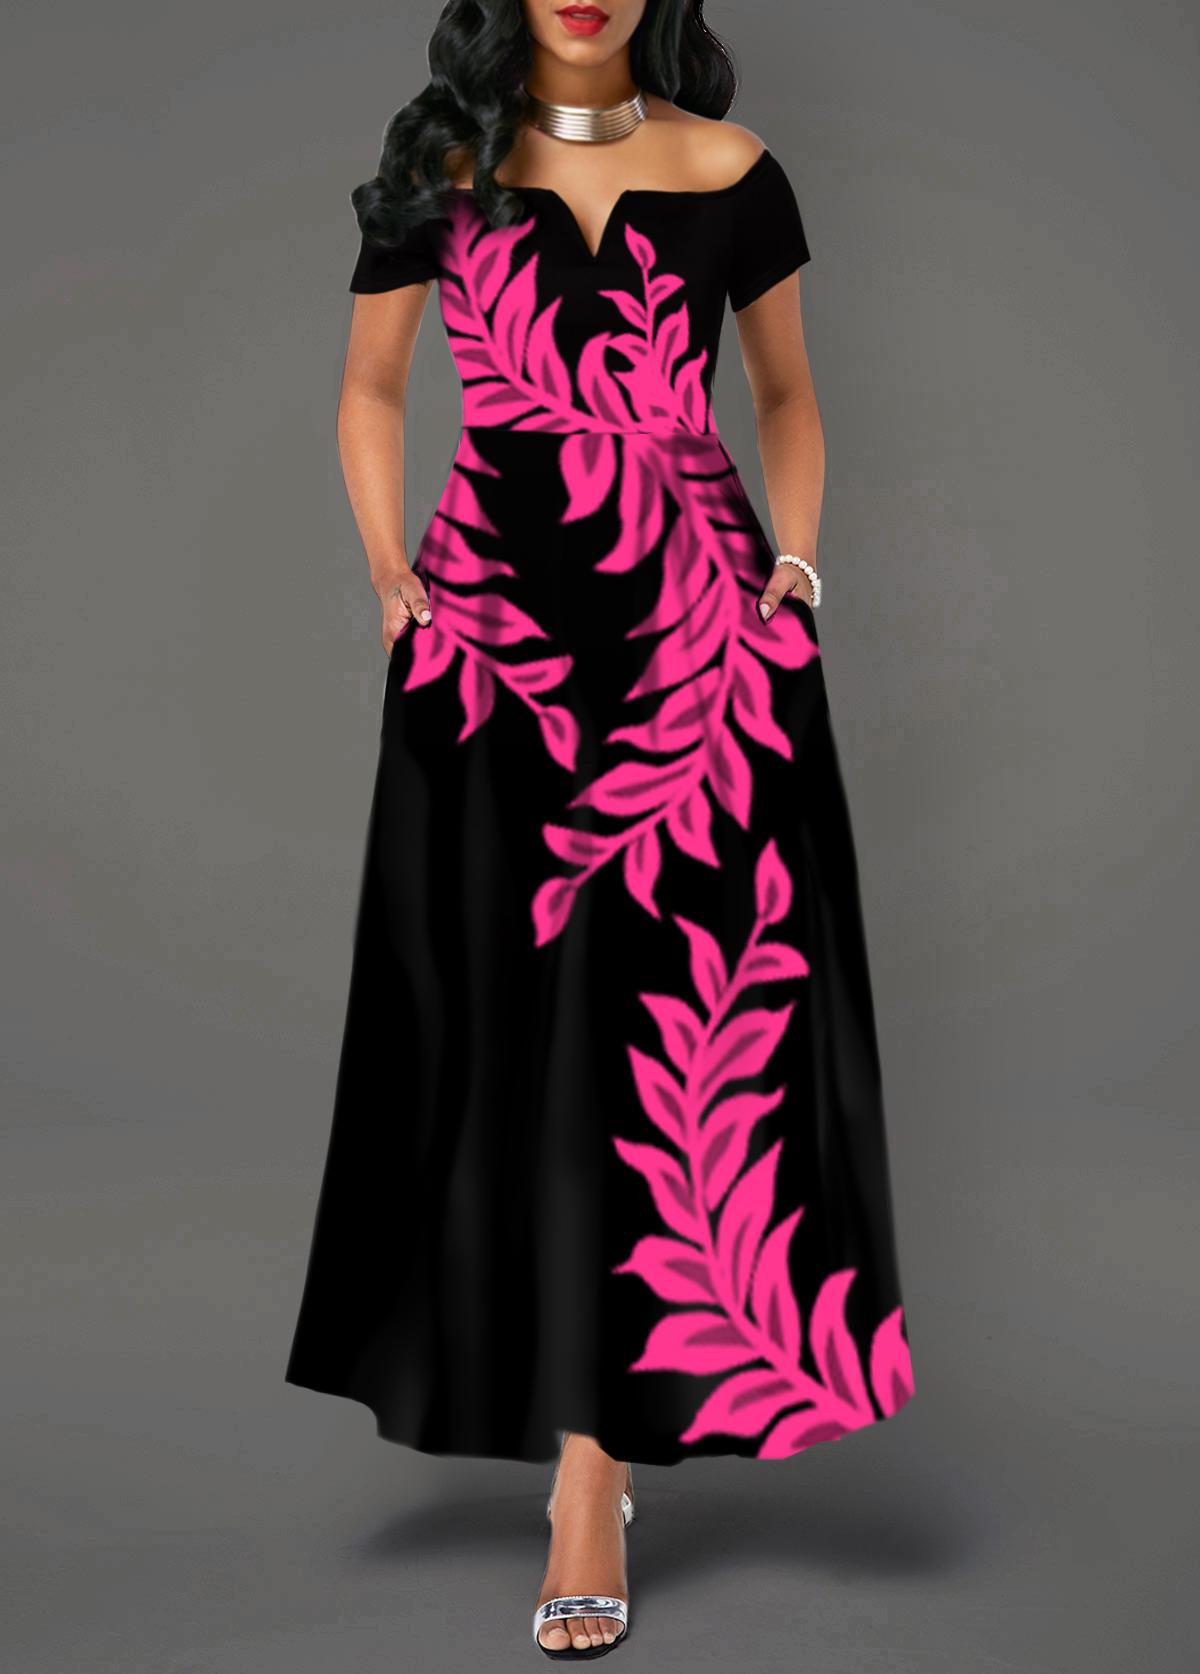 Split Neck Off The Shoulder Printed Dress